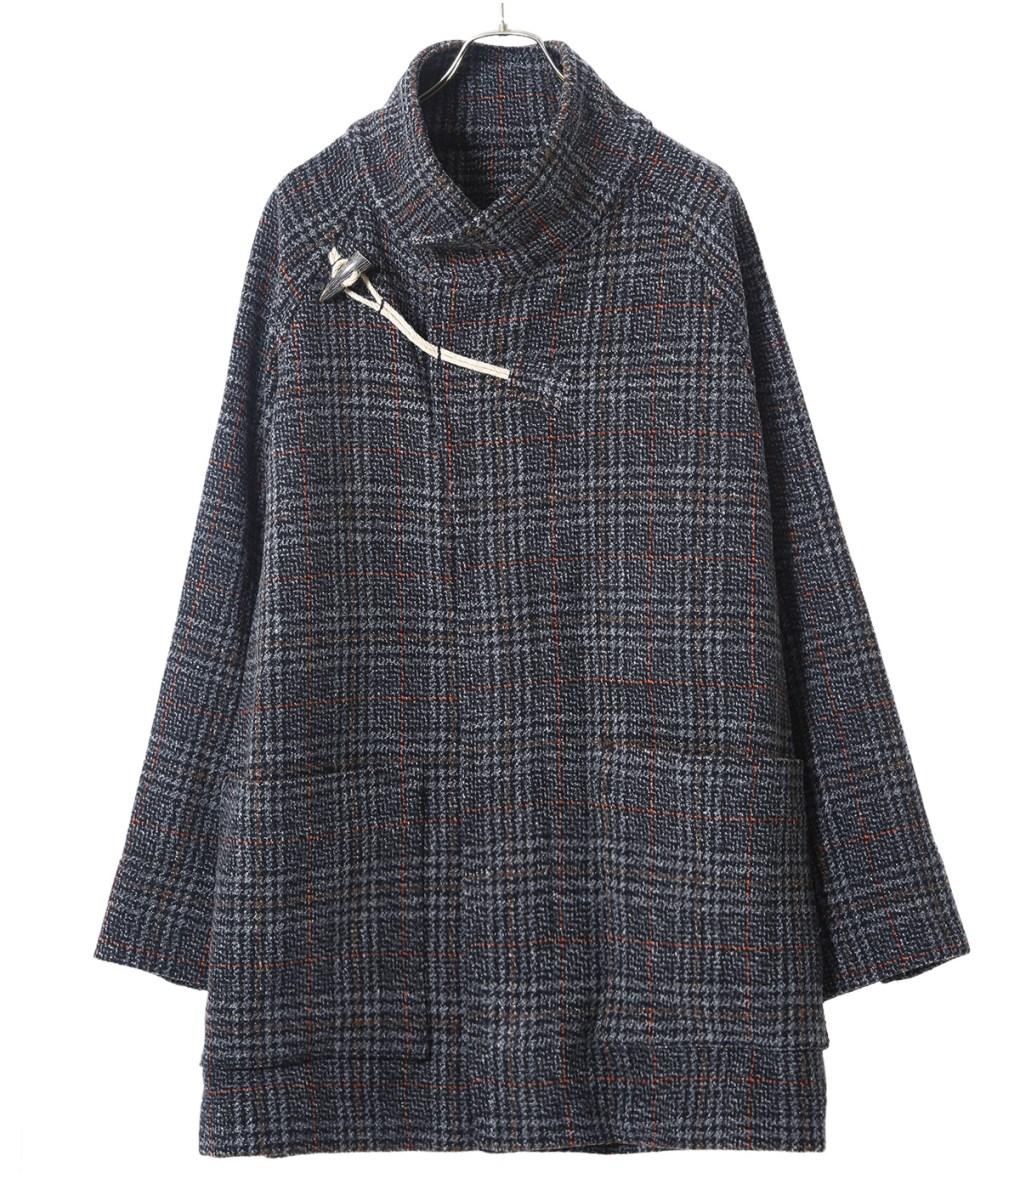 新規購入 CINI venezia Hender/ チニーベネチア : Overcoat Burchione Chevron バッグ 小物 : オーバーコート コート メンズ : C238CSU-5086【RIP】:ARKnets, コチンダチョウ:e16ef5d9 --- nagari.or.id